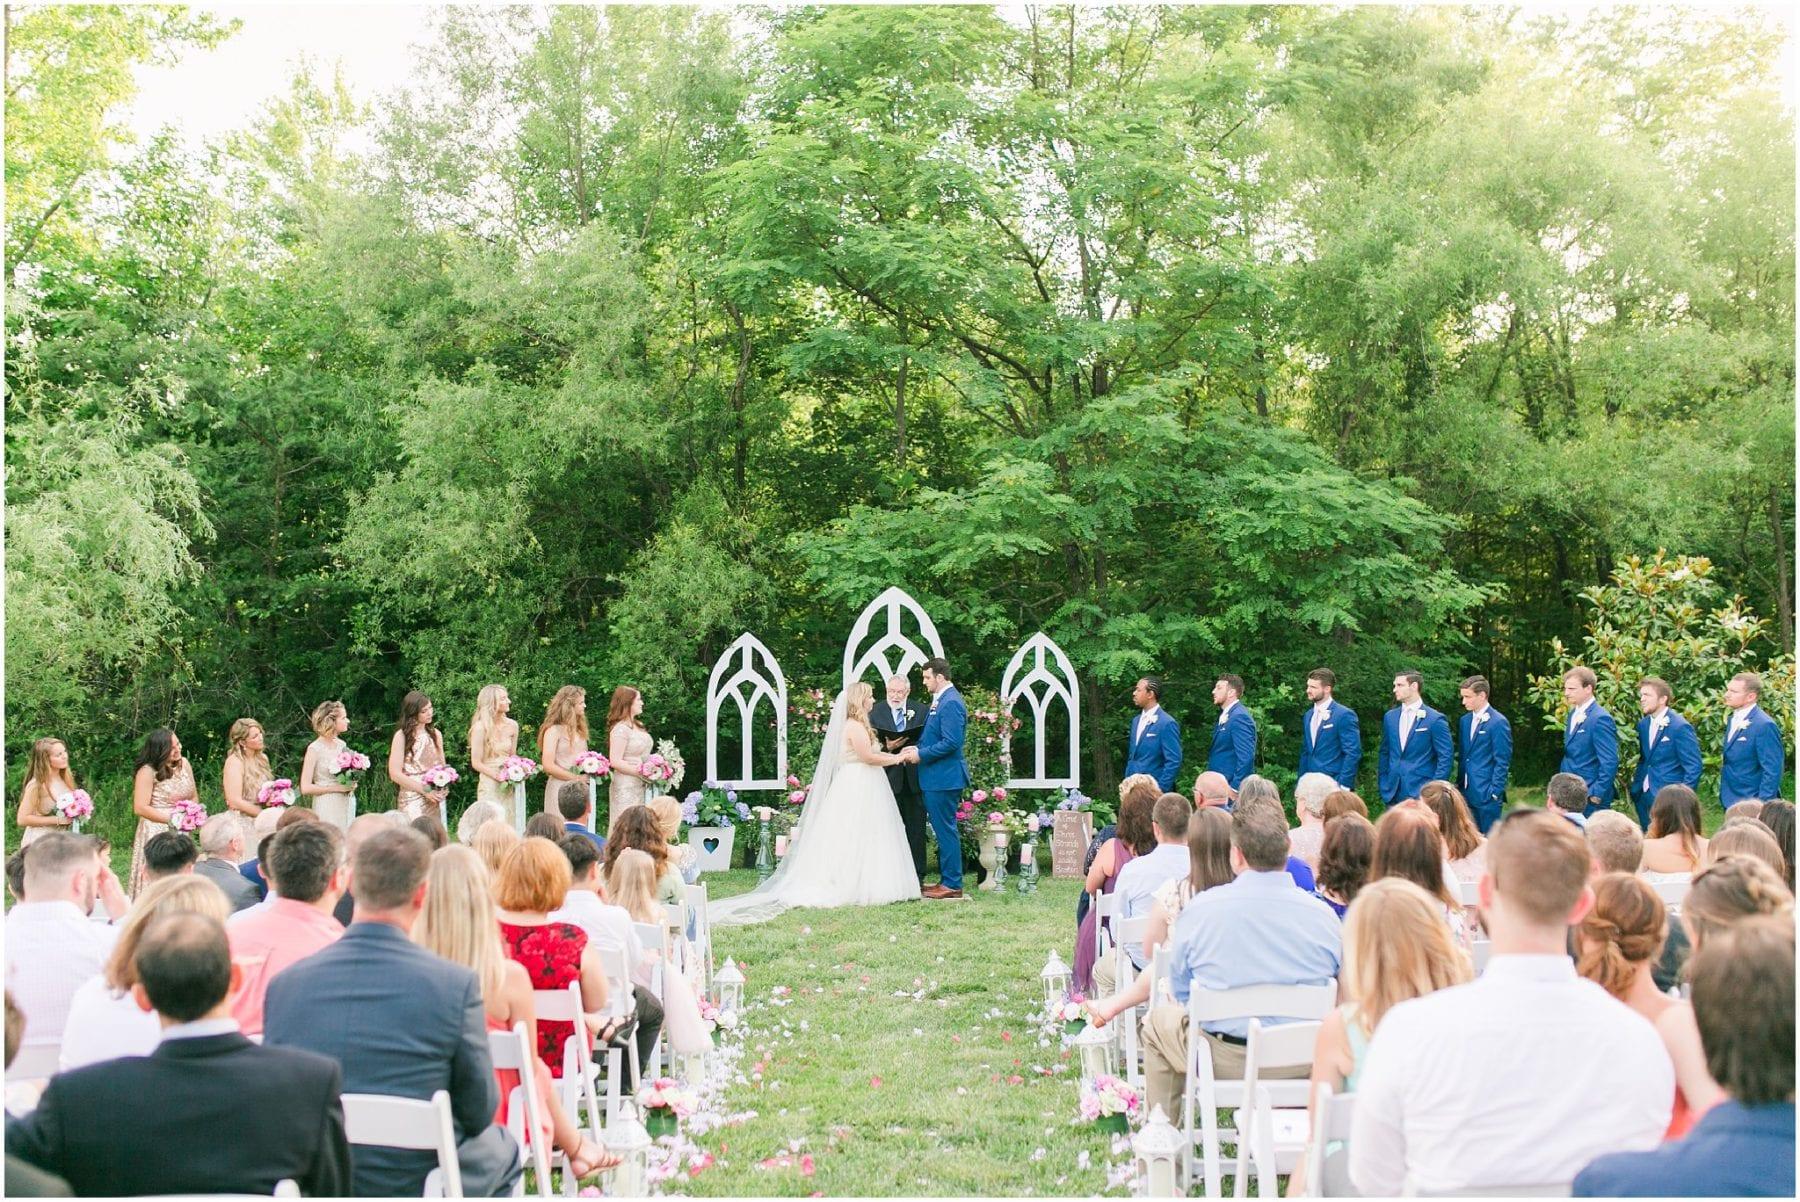 Maryland Backyard Wedding Photos Kelly & Zach Megan Kelsey Photography-231.jpg